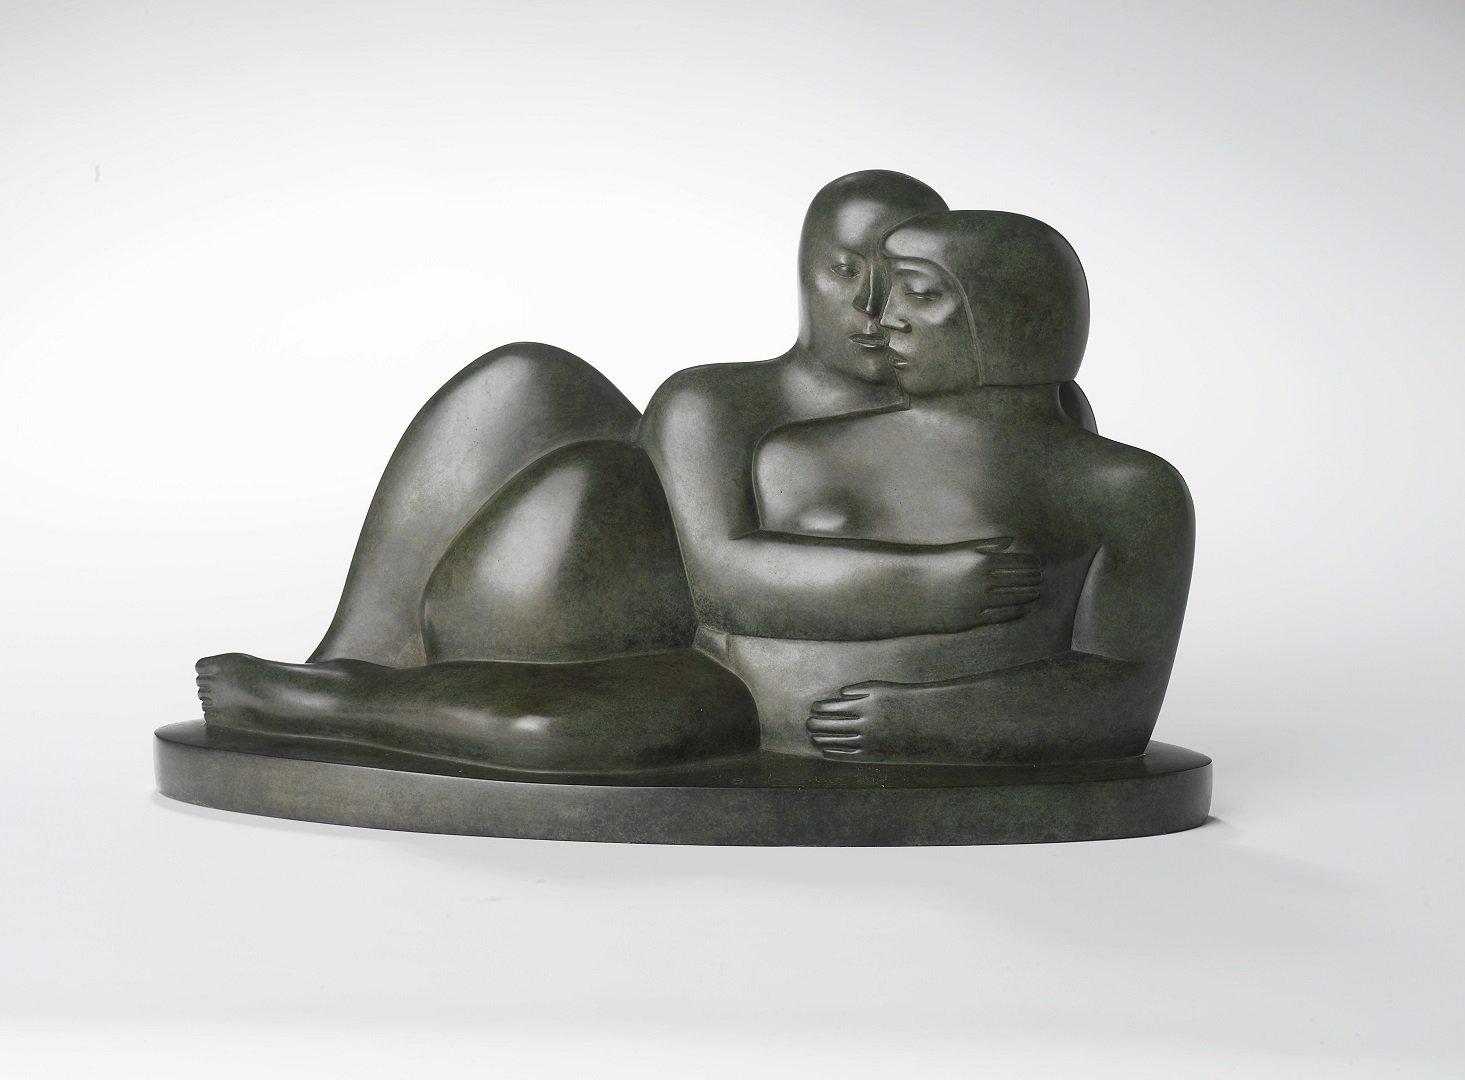 Kobe - Les Amants II (The Lovers II) - 2008 - Bronze - 22 x 34 x 12 cm - copyright Fotostudio Frans Lossie, Heusden 3